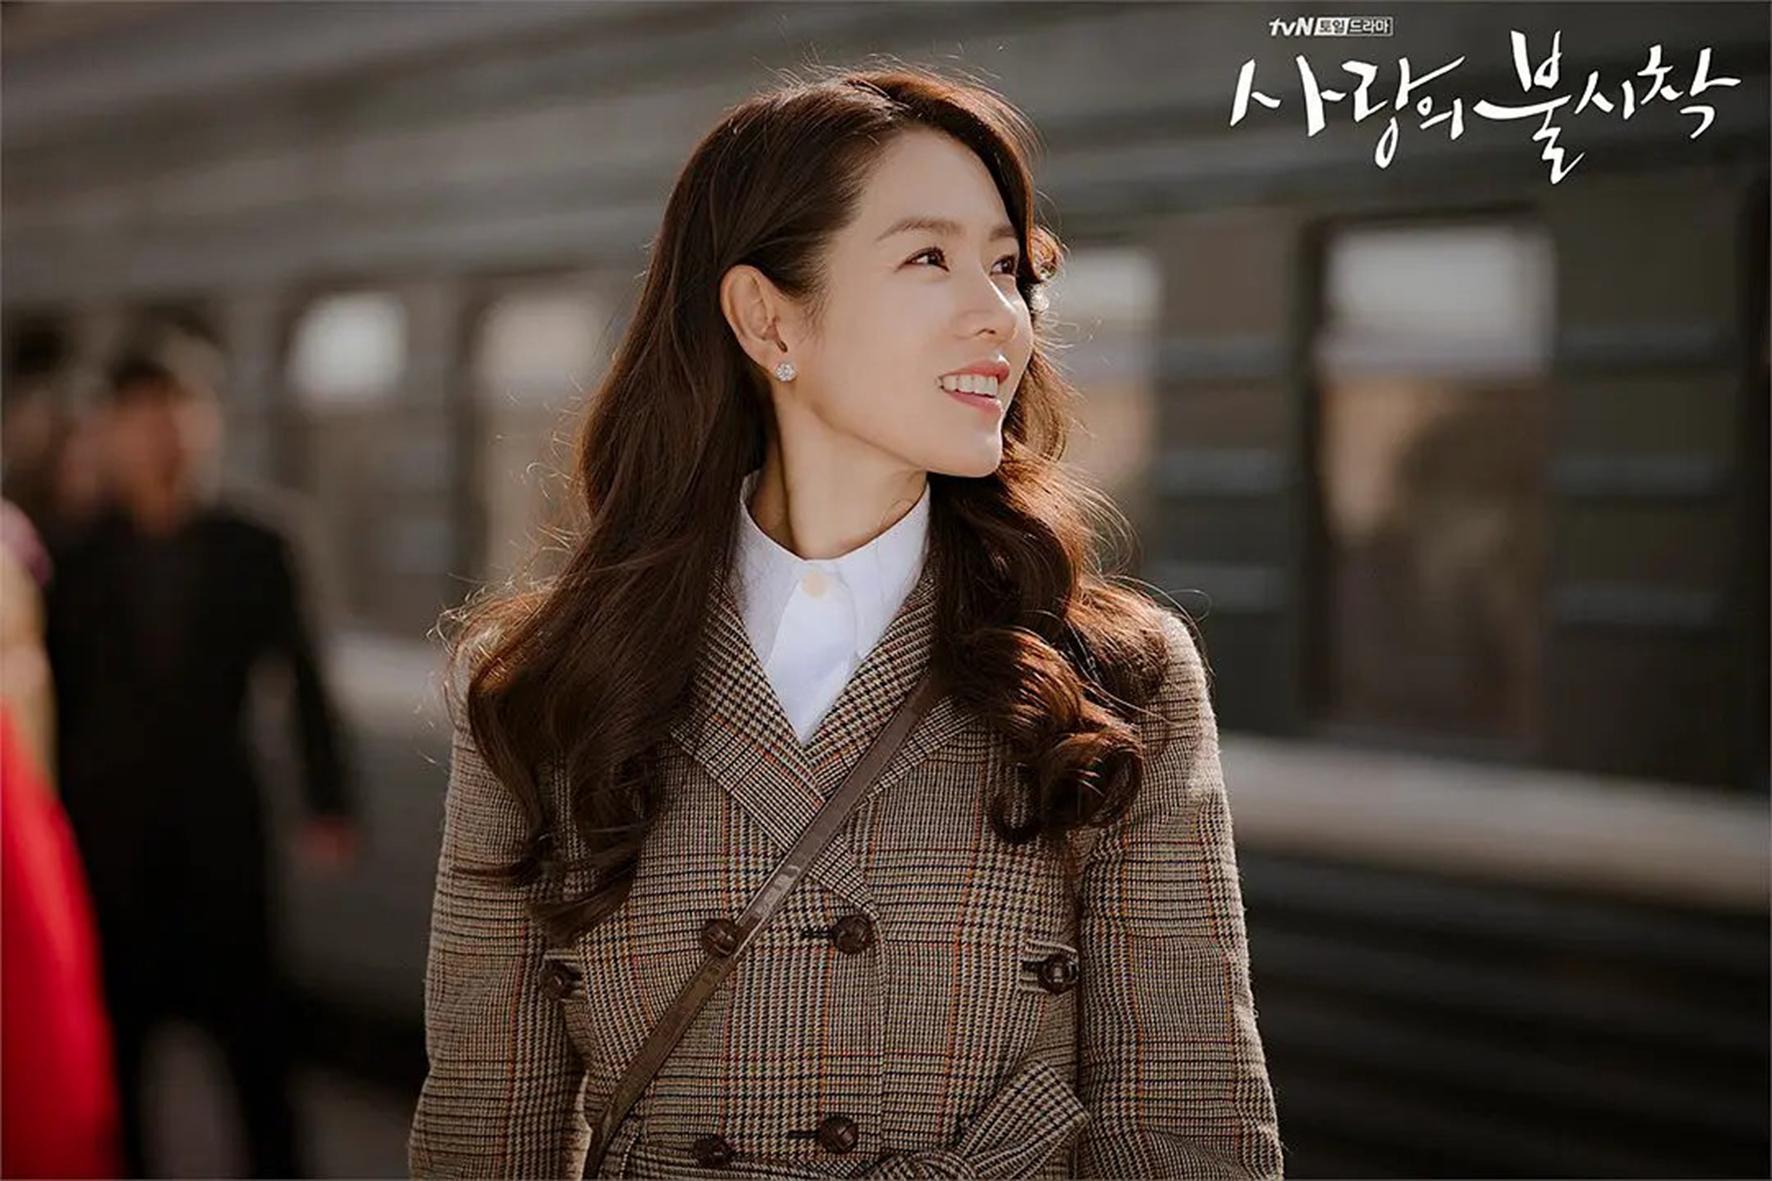 尹世理(孫藝真 飾演)《愛的迫降》劇照